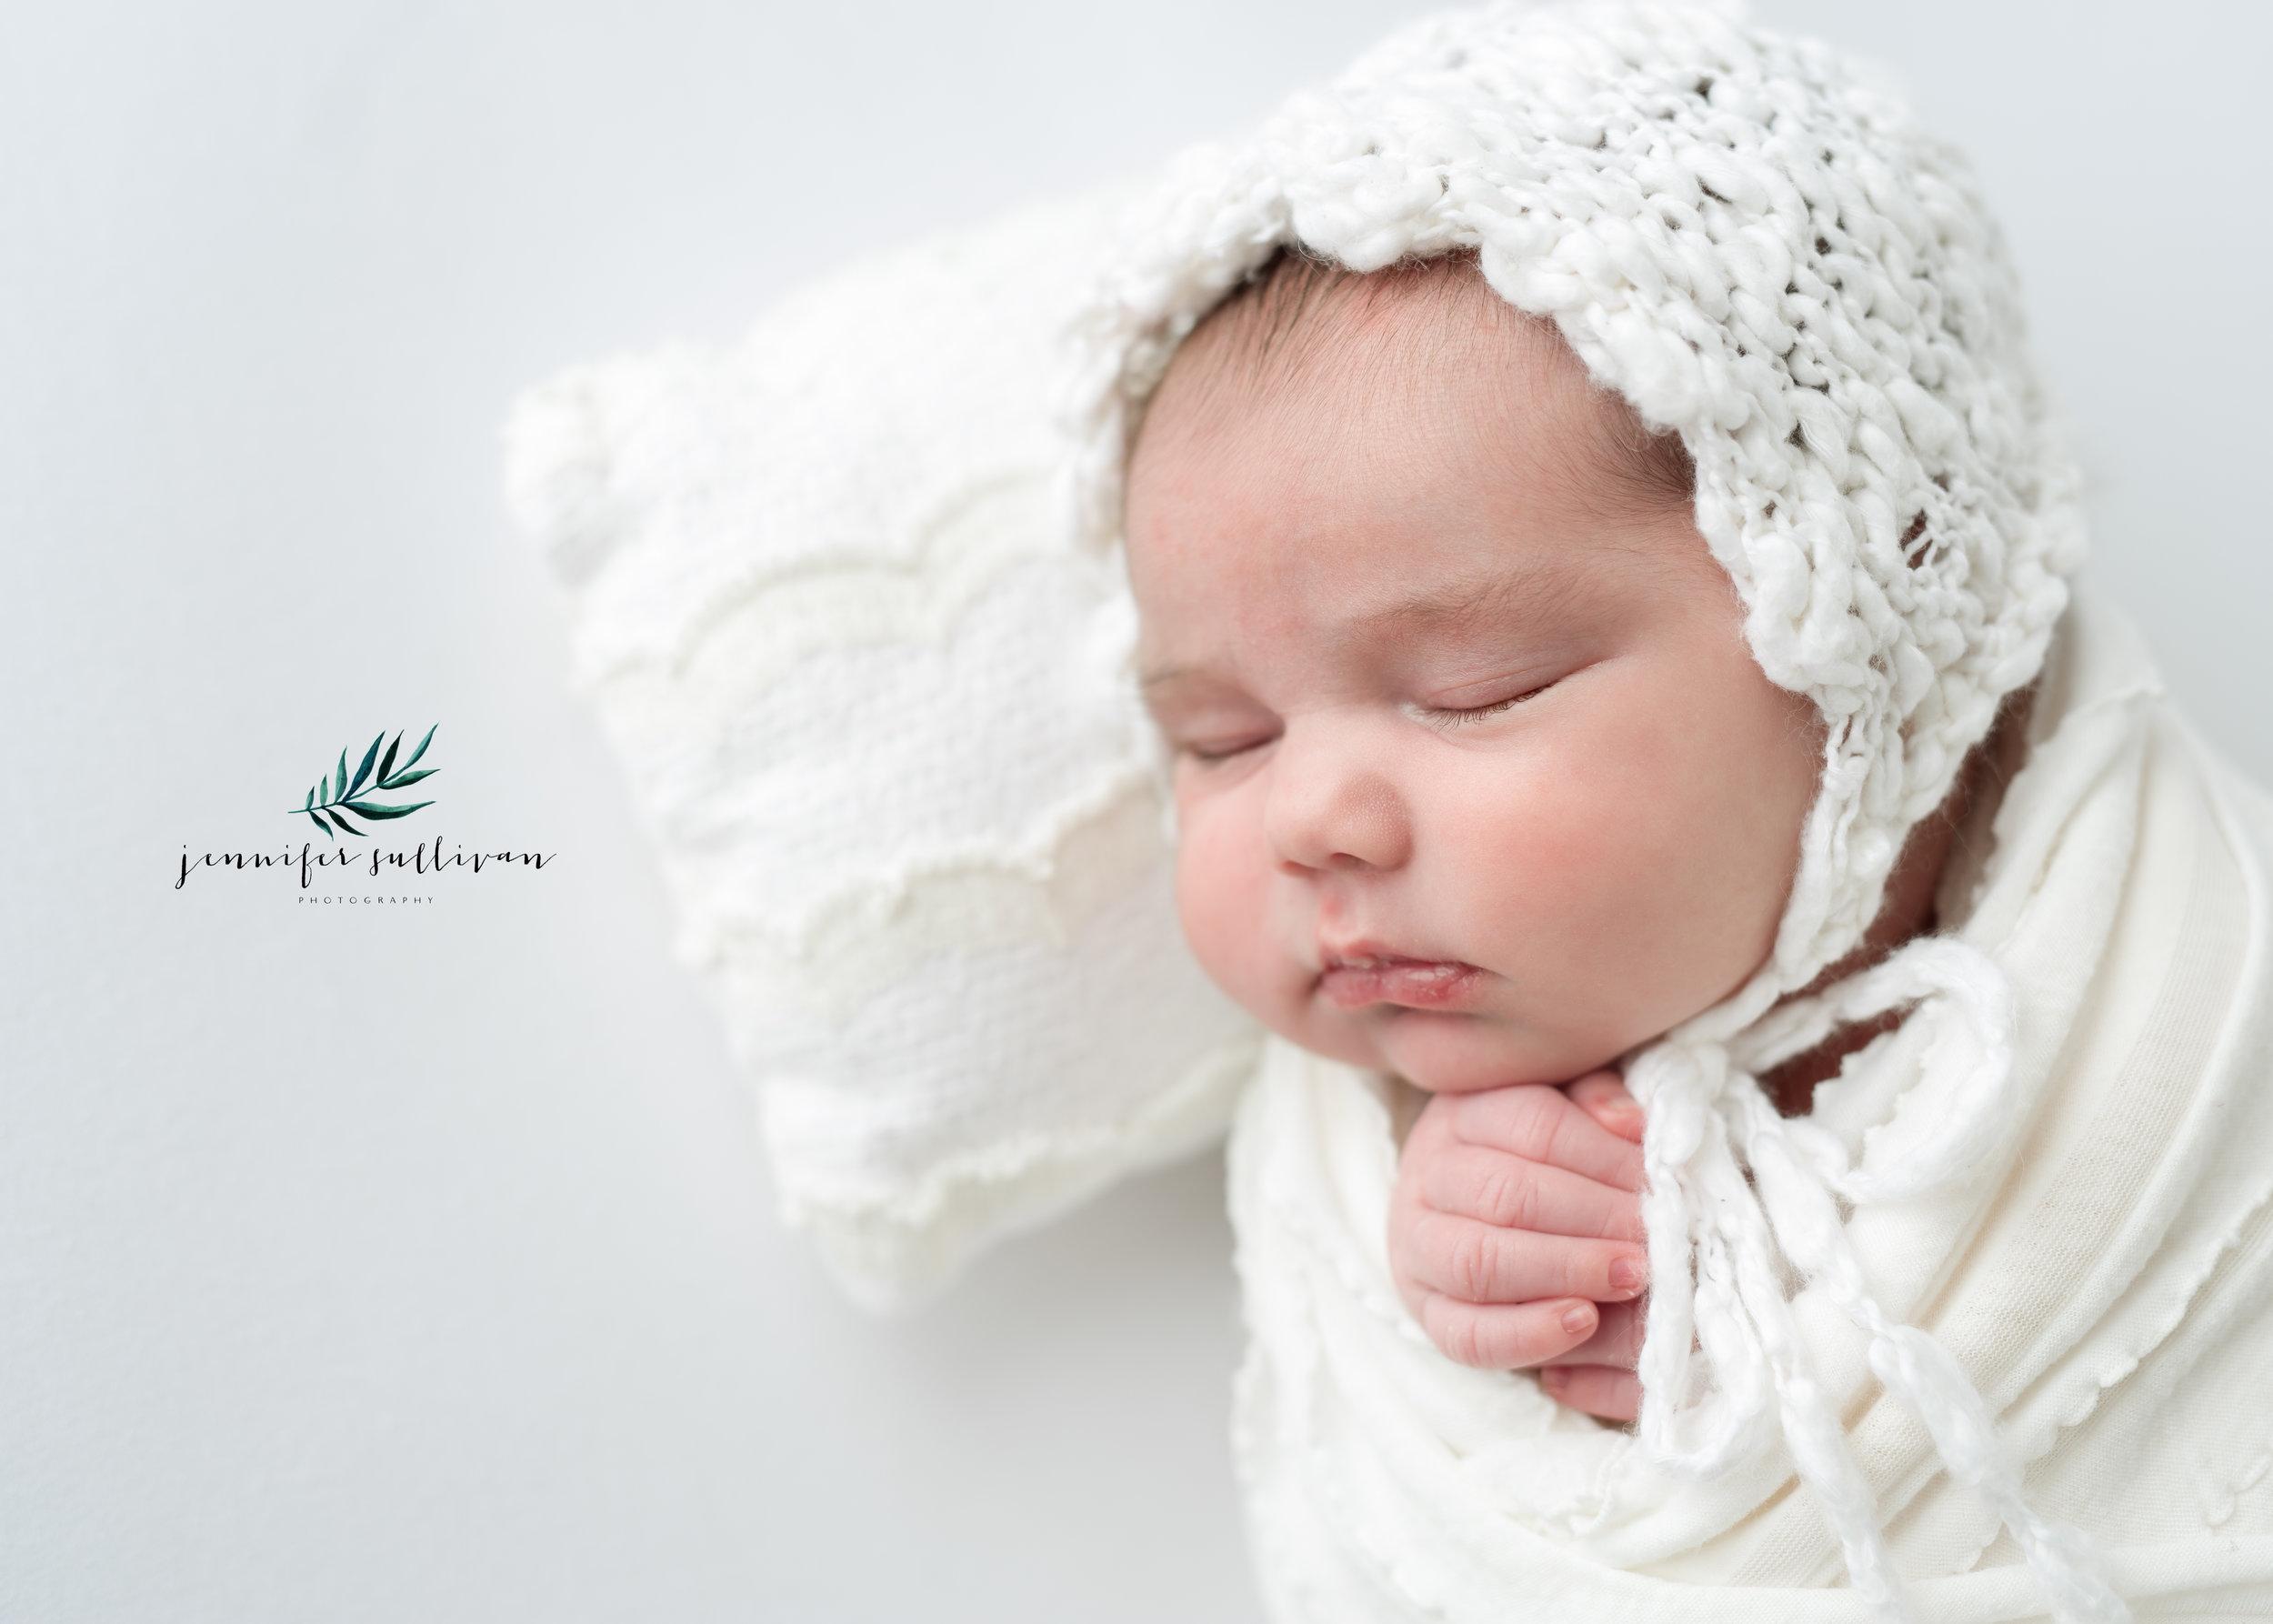 dartmouth massachusetts newborn photographer -400-5.jpg